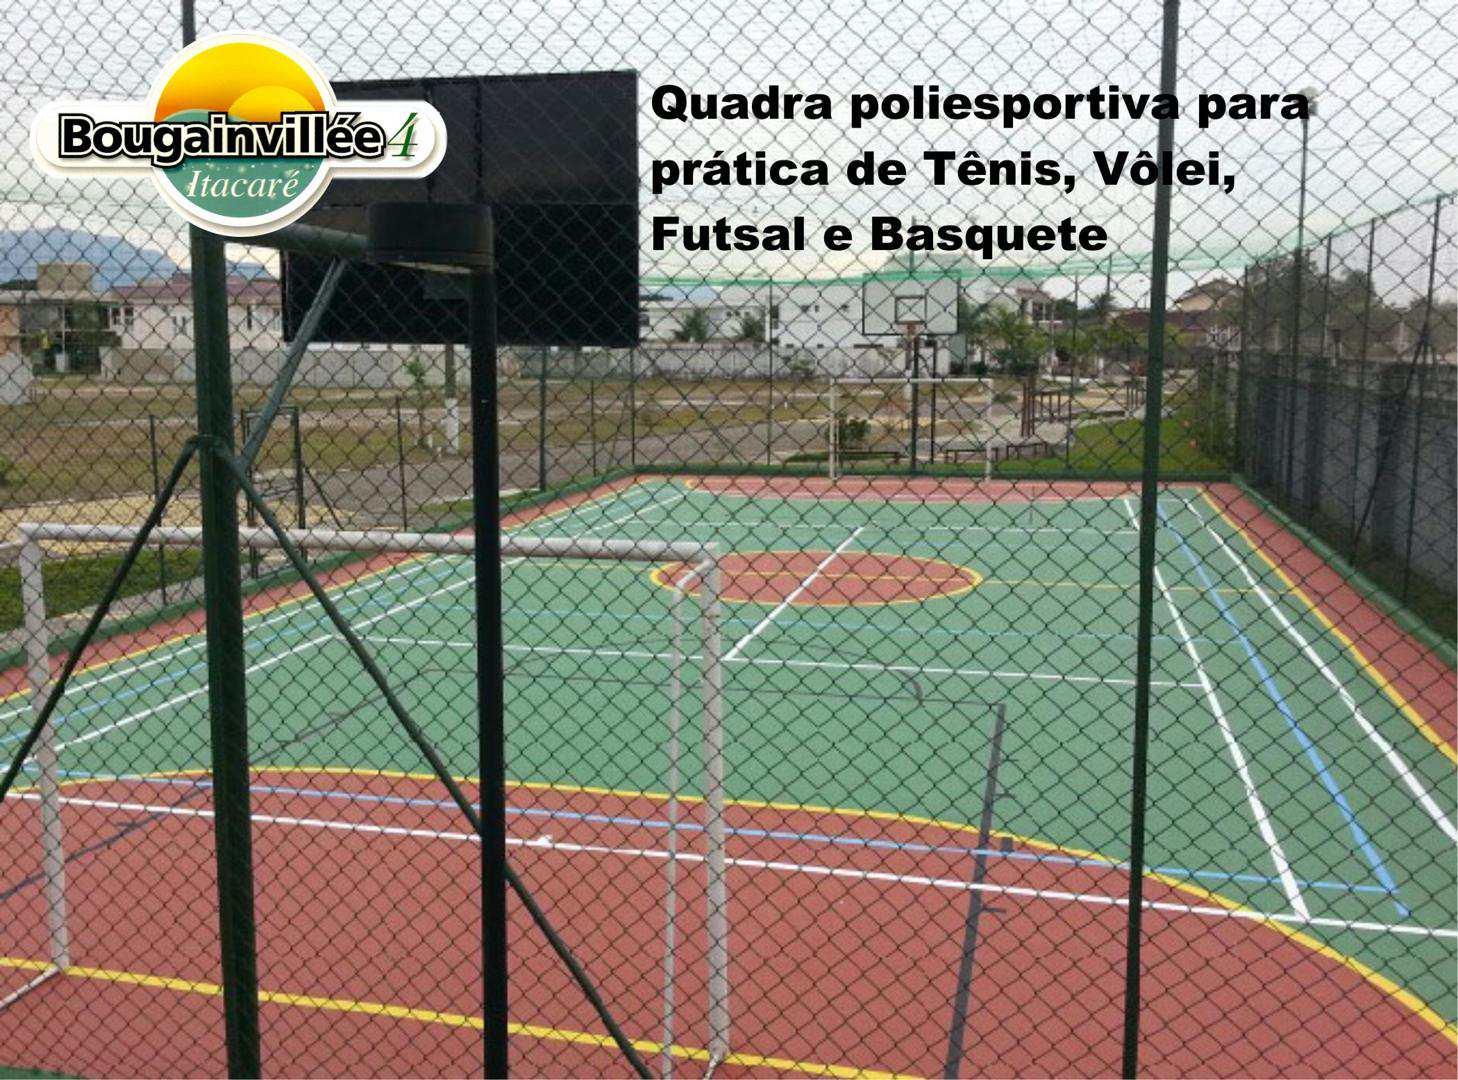 Bougainvillee 4 Quadra 02